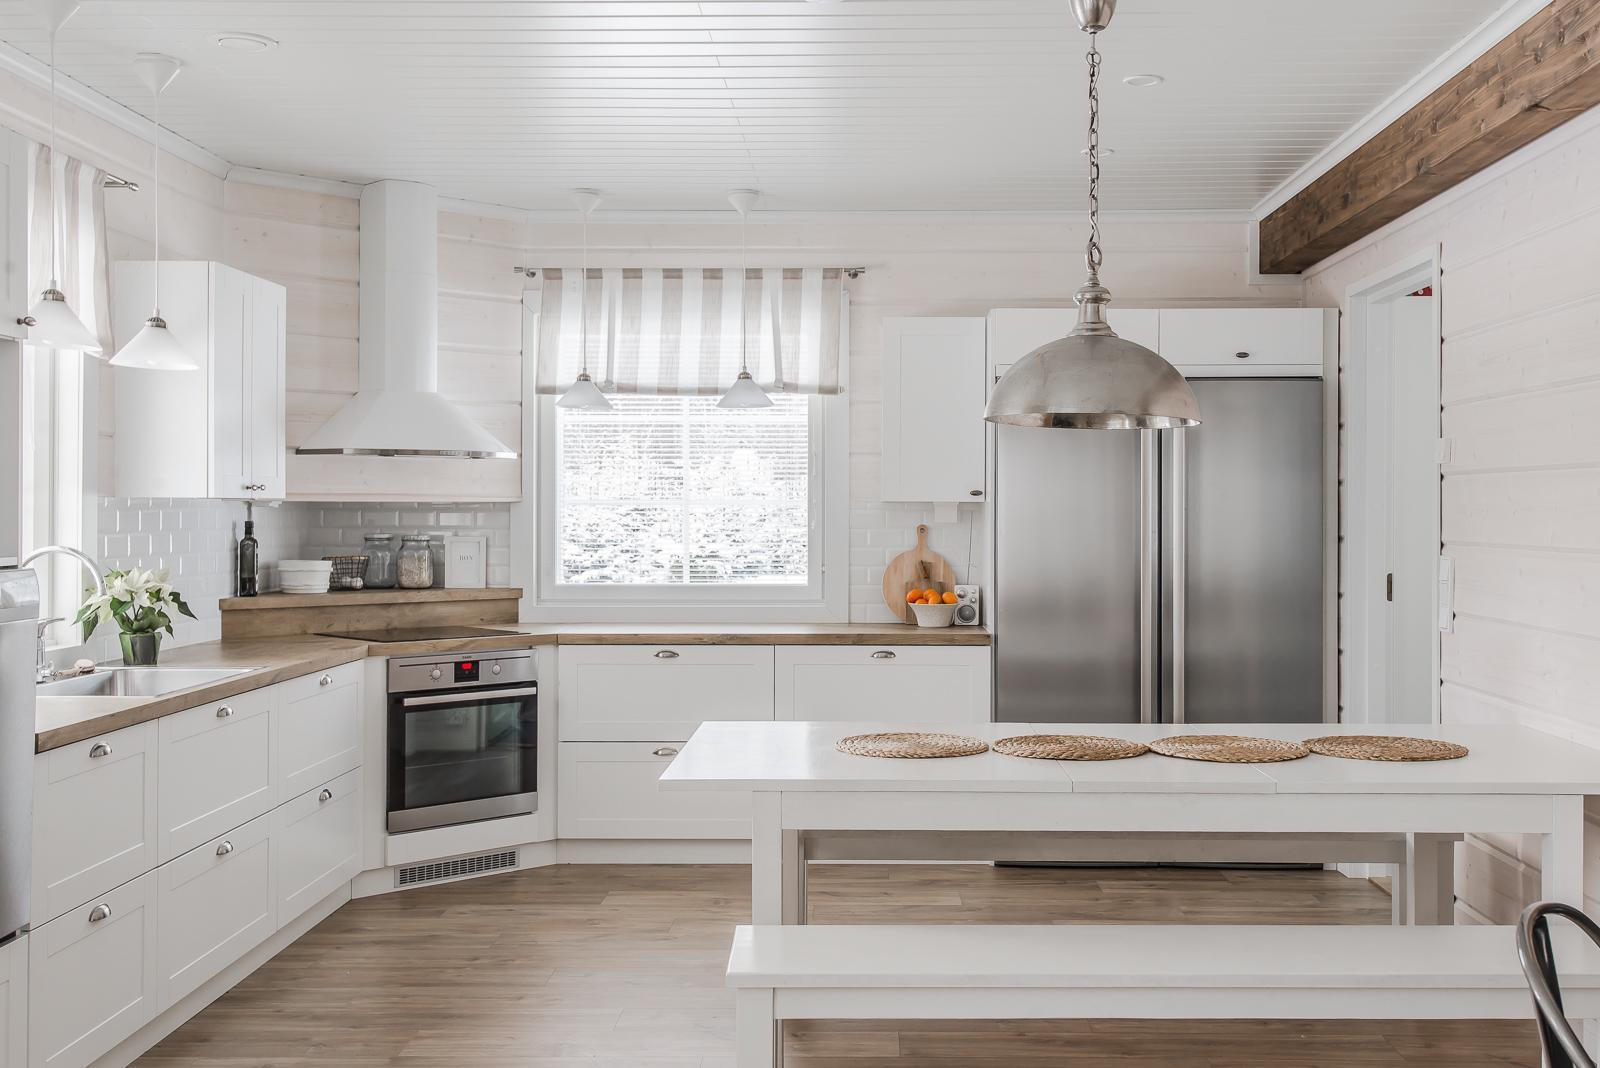 Hirsitalon maalaisromanttinen keittiö on jokaisen kokin unelma  Etuovi com I